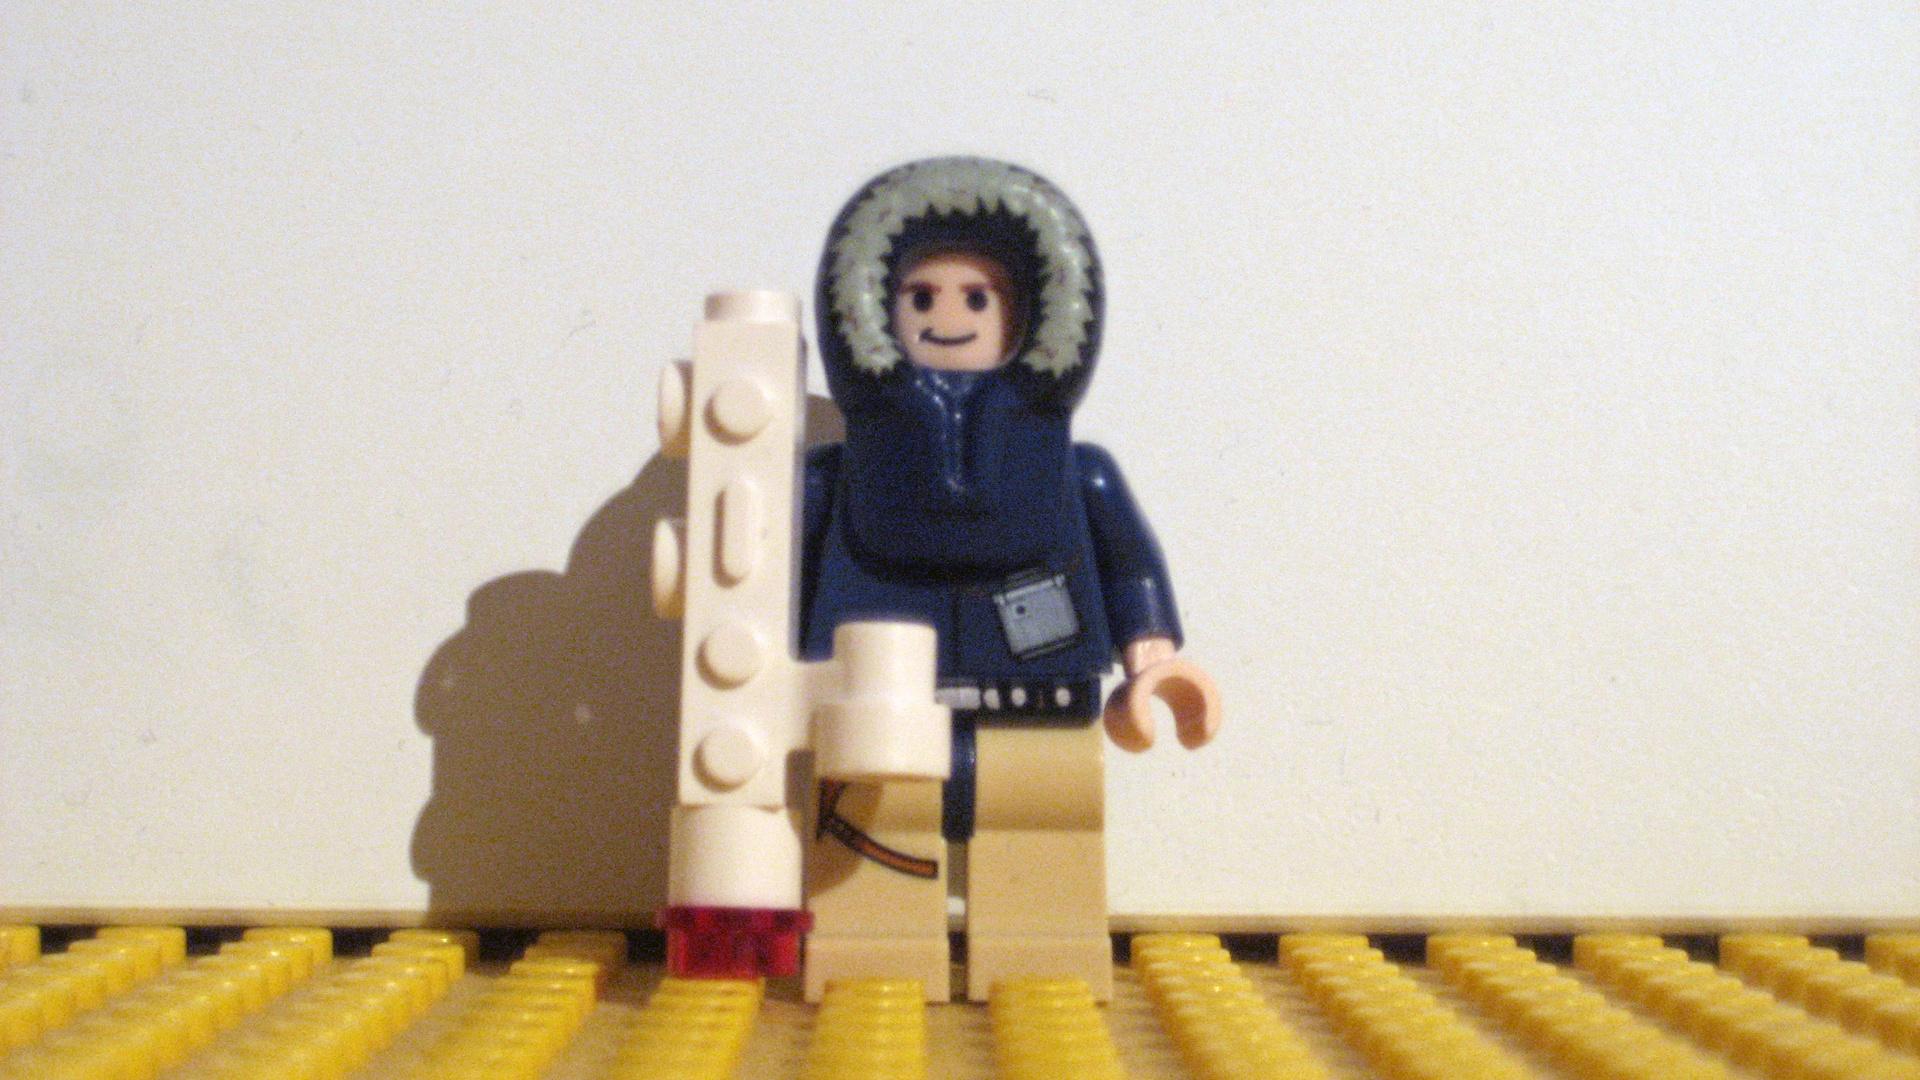 Han Solo mit Panzerfaust von Hoth